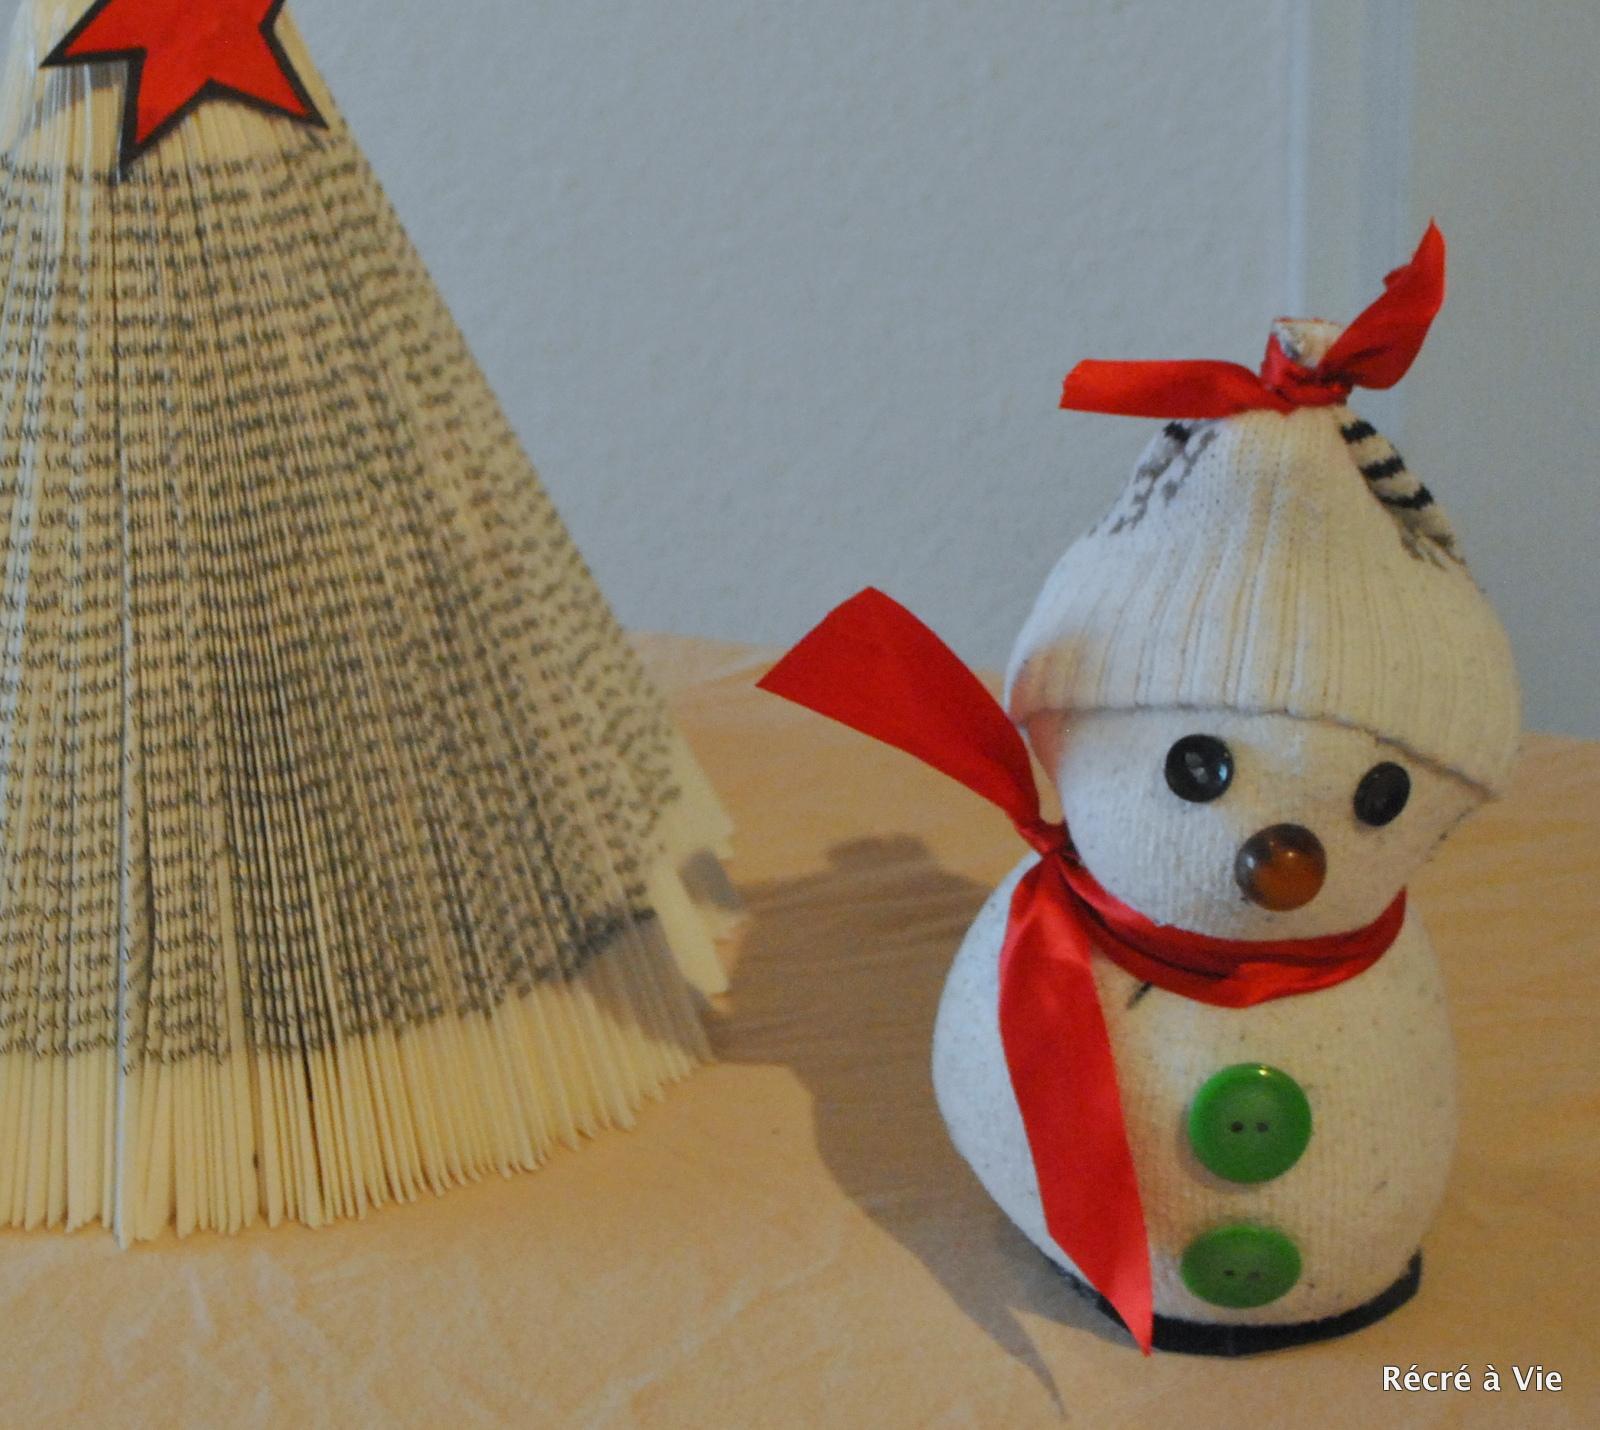 Idées Déco De Noël À Faire Avec Des Enfants, C'est Rigolo Et dedans Activités Manuelles Enfants Noel